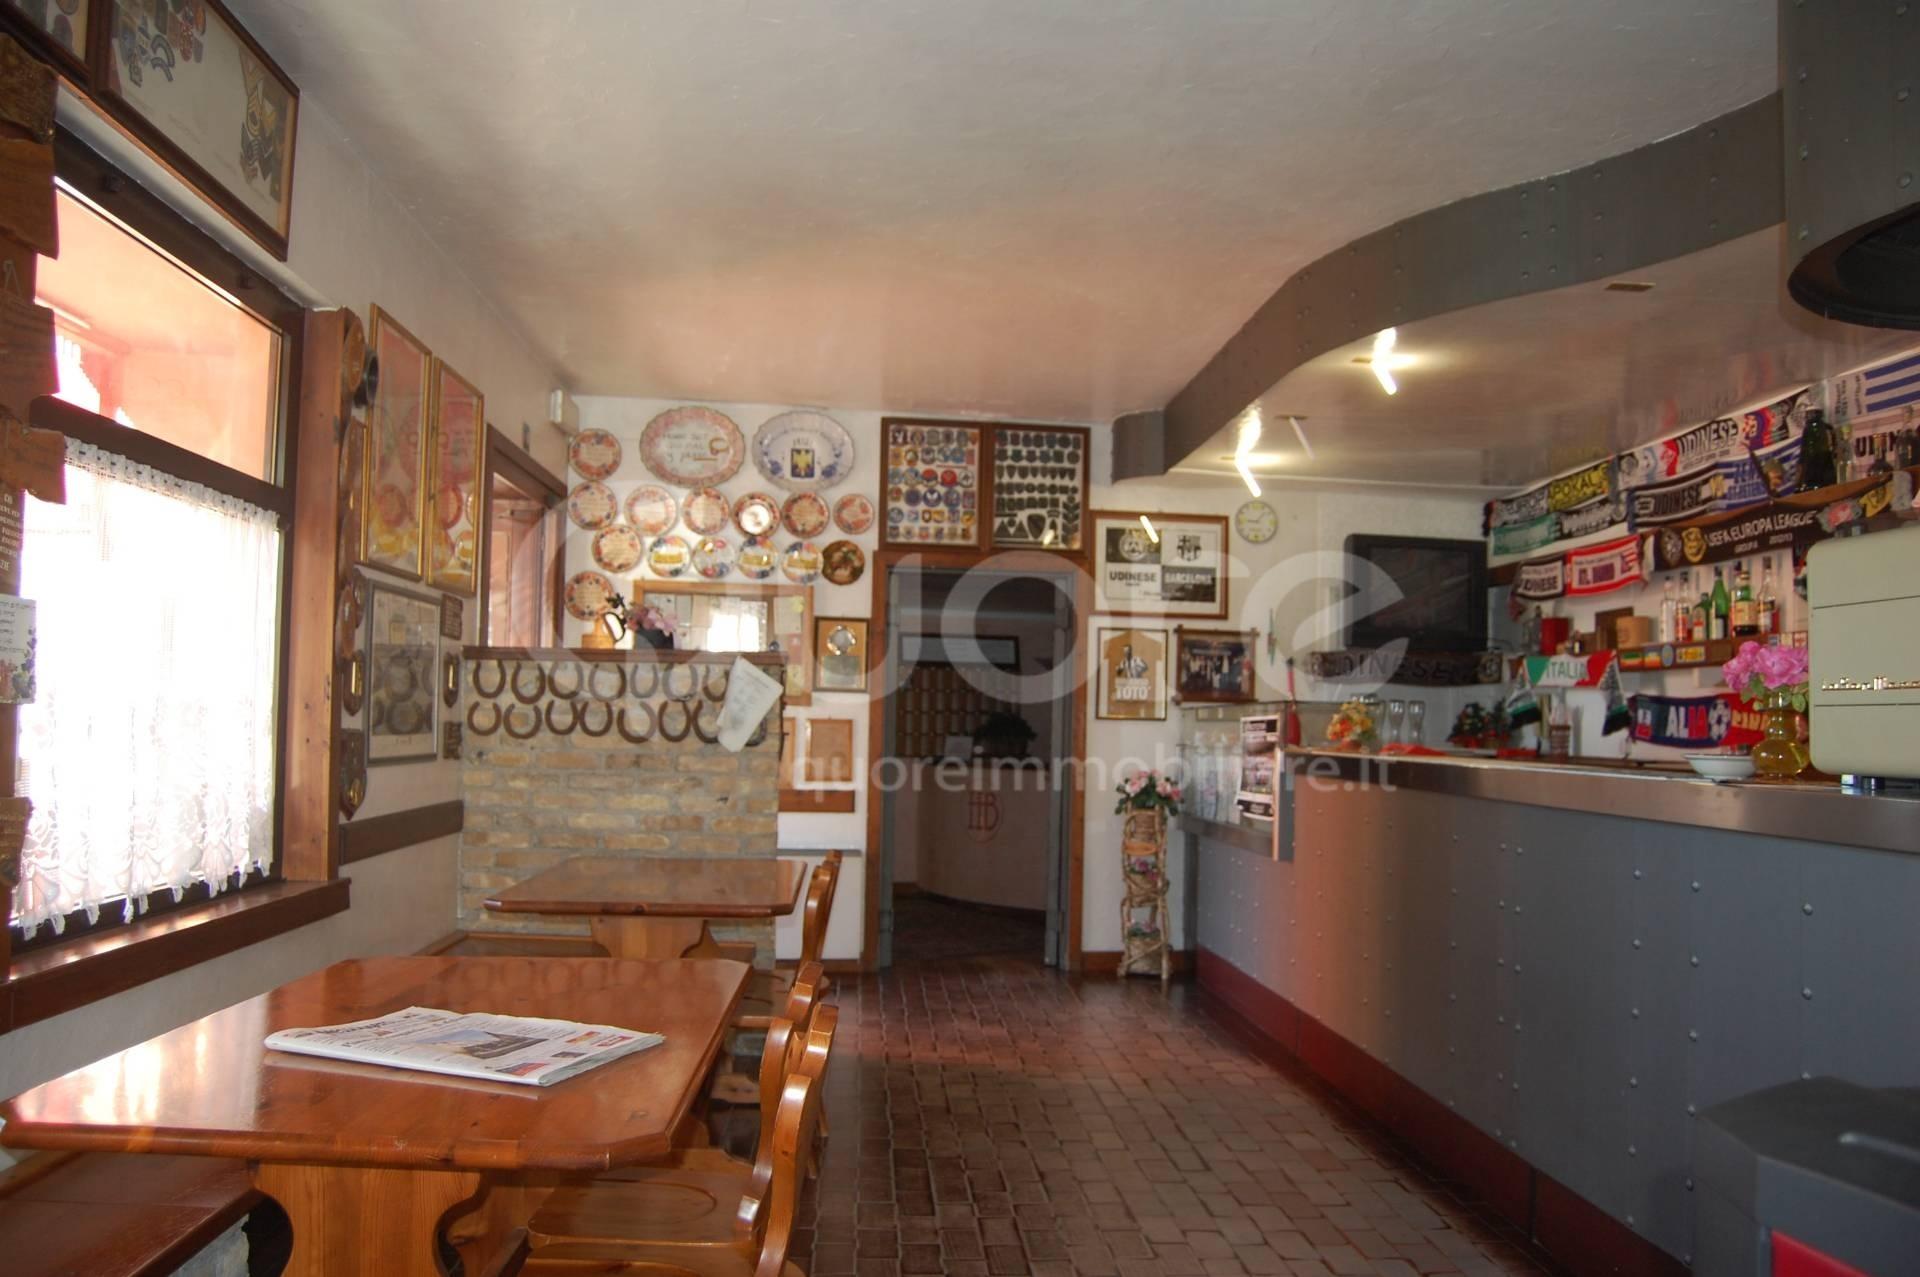 Albergo in vendita a Codroipo, 9999 locali, prezzo € 875.000 | CambioCasa.it